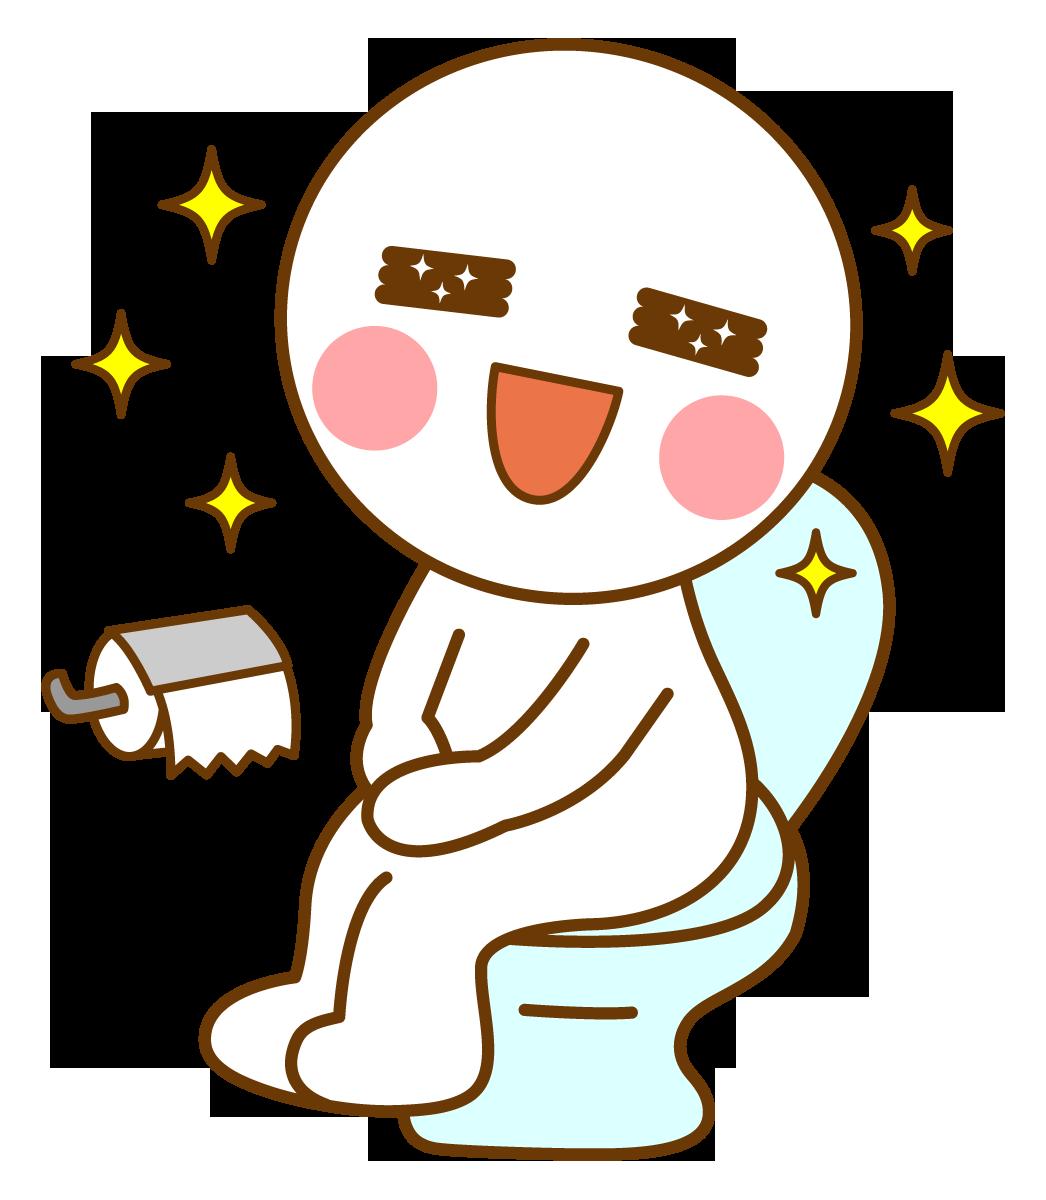 【オノマトペ】すっきりの意味と例文